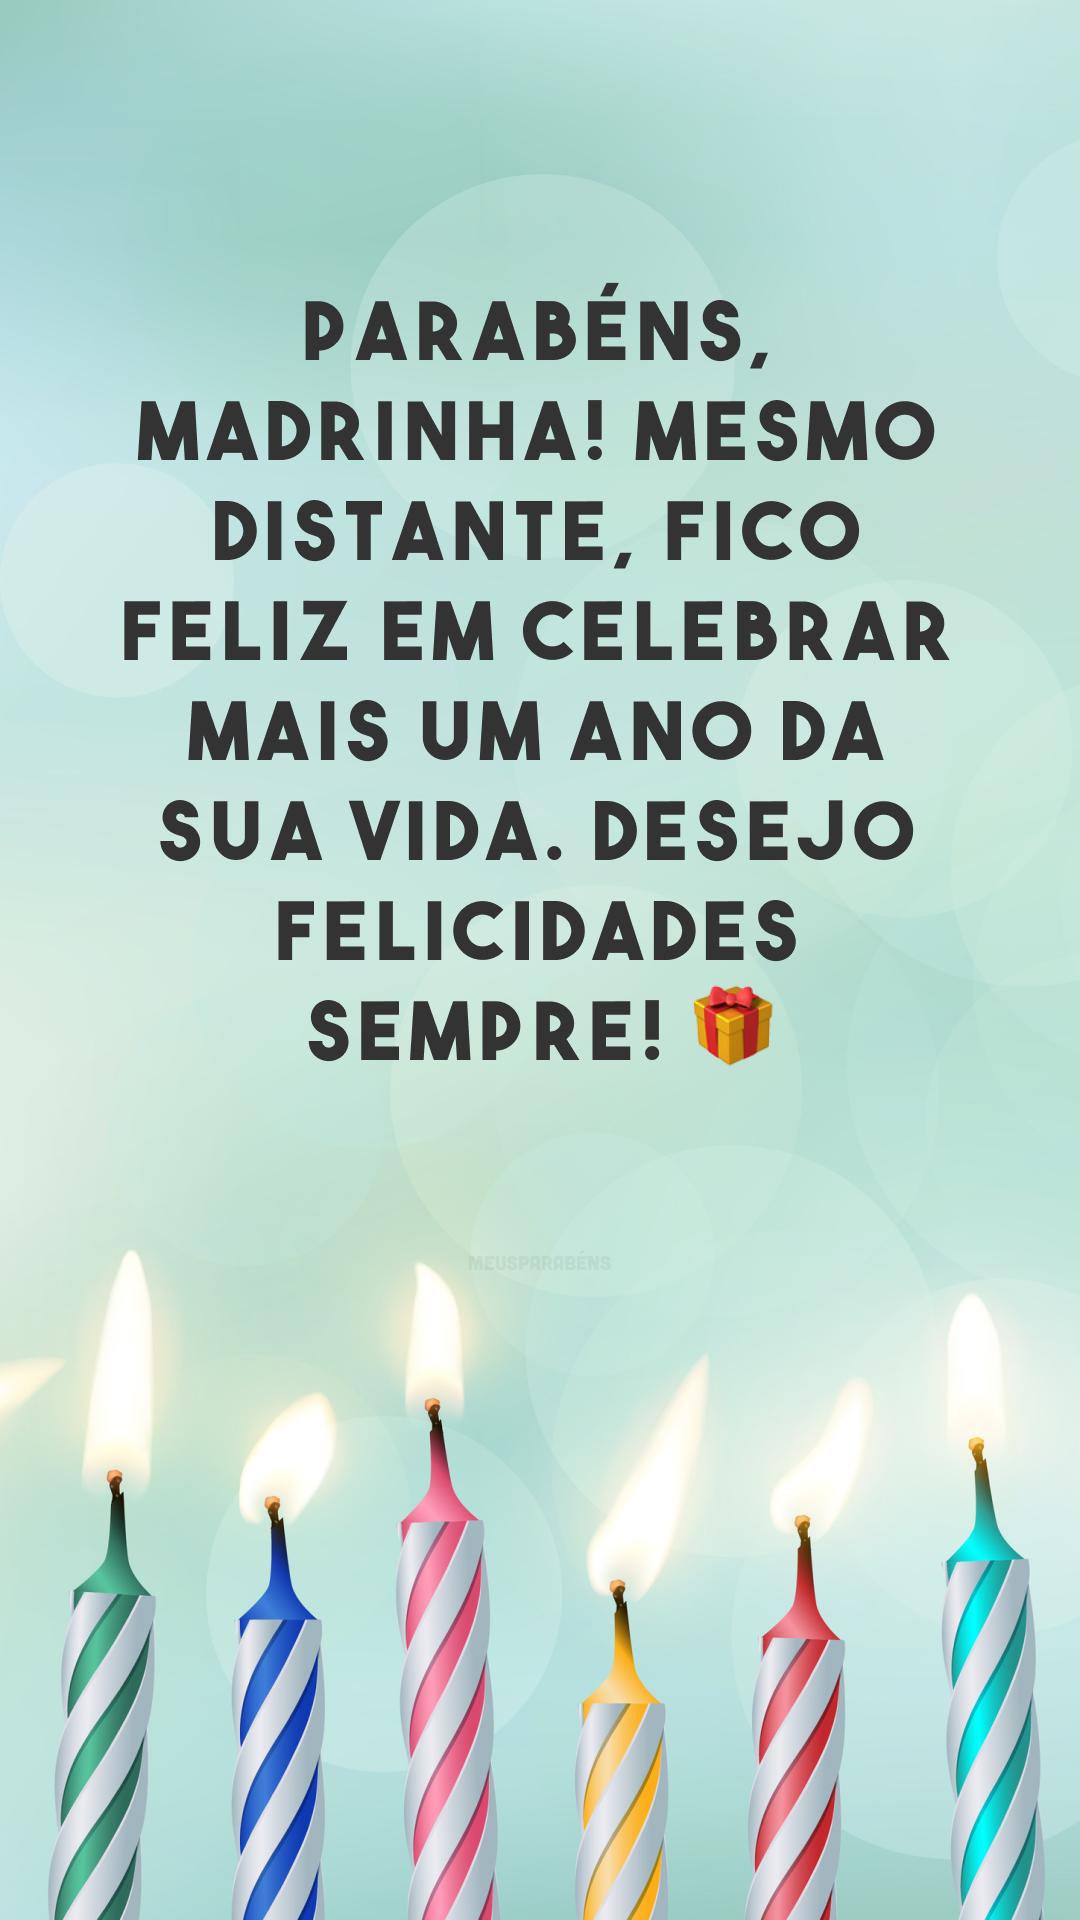 Parabéns, madrinha! Mesmo distante, fico feliz em celebrar mais um ano da sua vida. Desejo felicidades sempre! 🎁